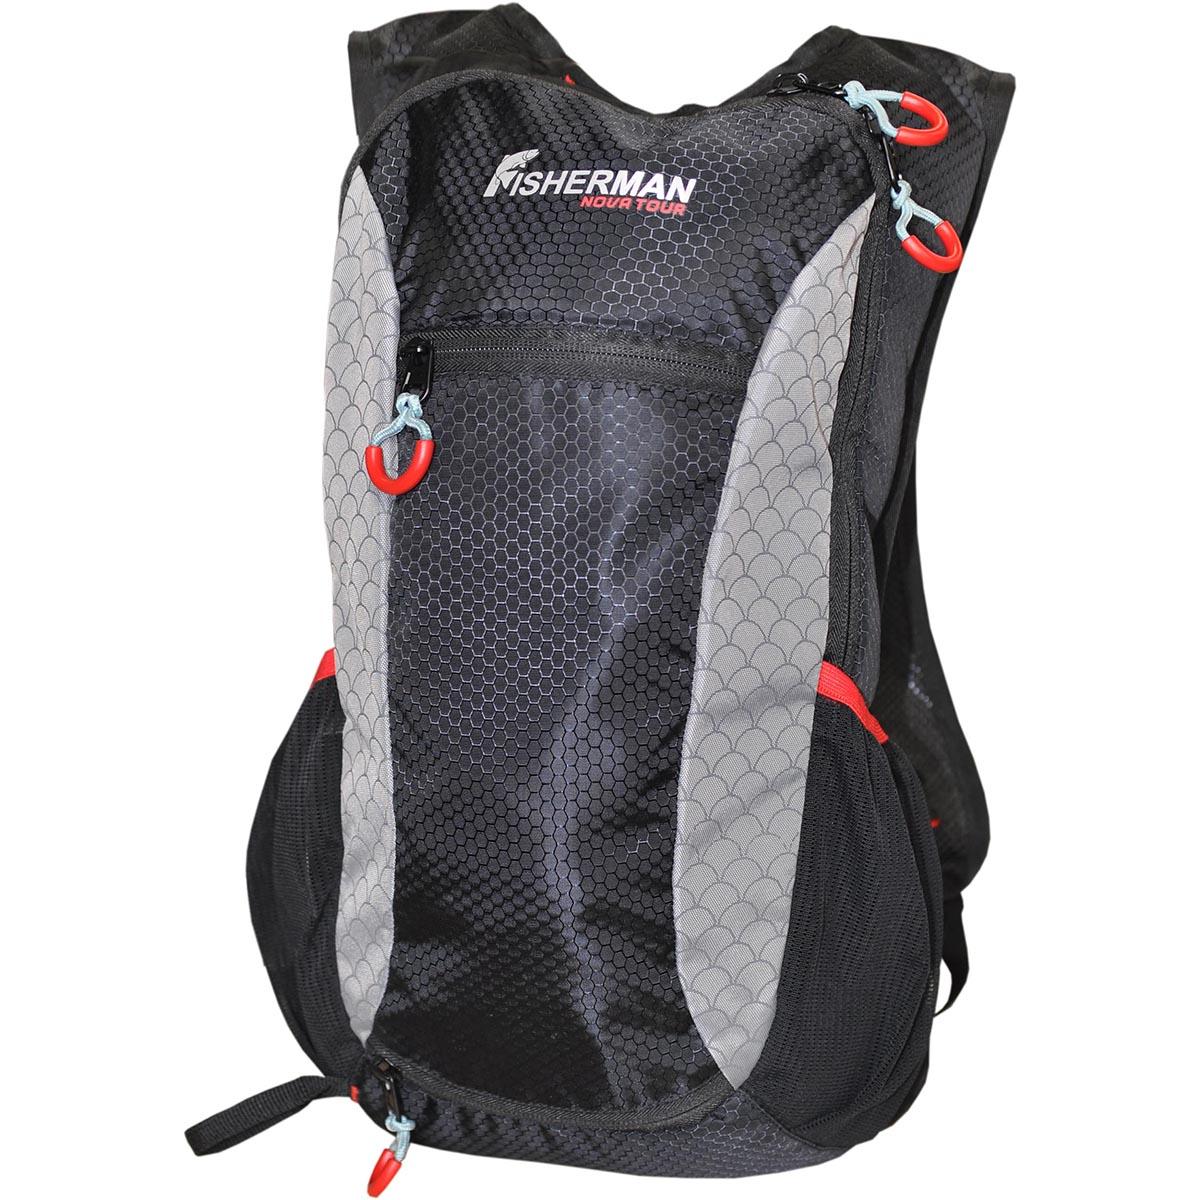 Рюкзак для рыбалки FisherMan Nova Tour Миноу PRO, цвет: черный, серый, 9 л